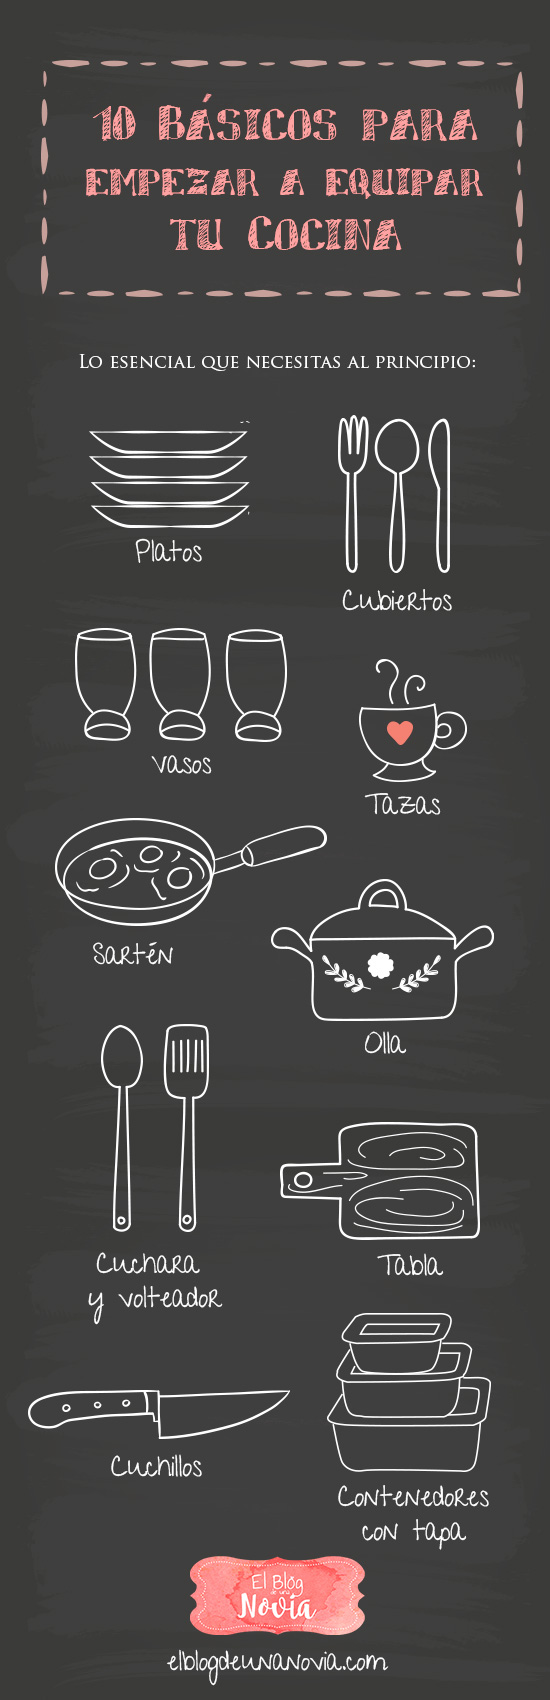 10 básicos para empezar a equipar tu cocina